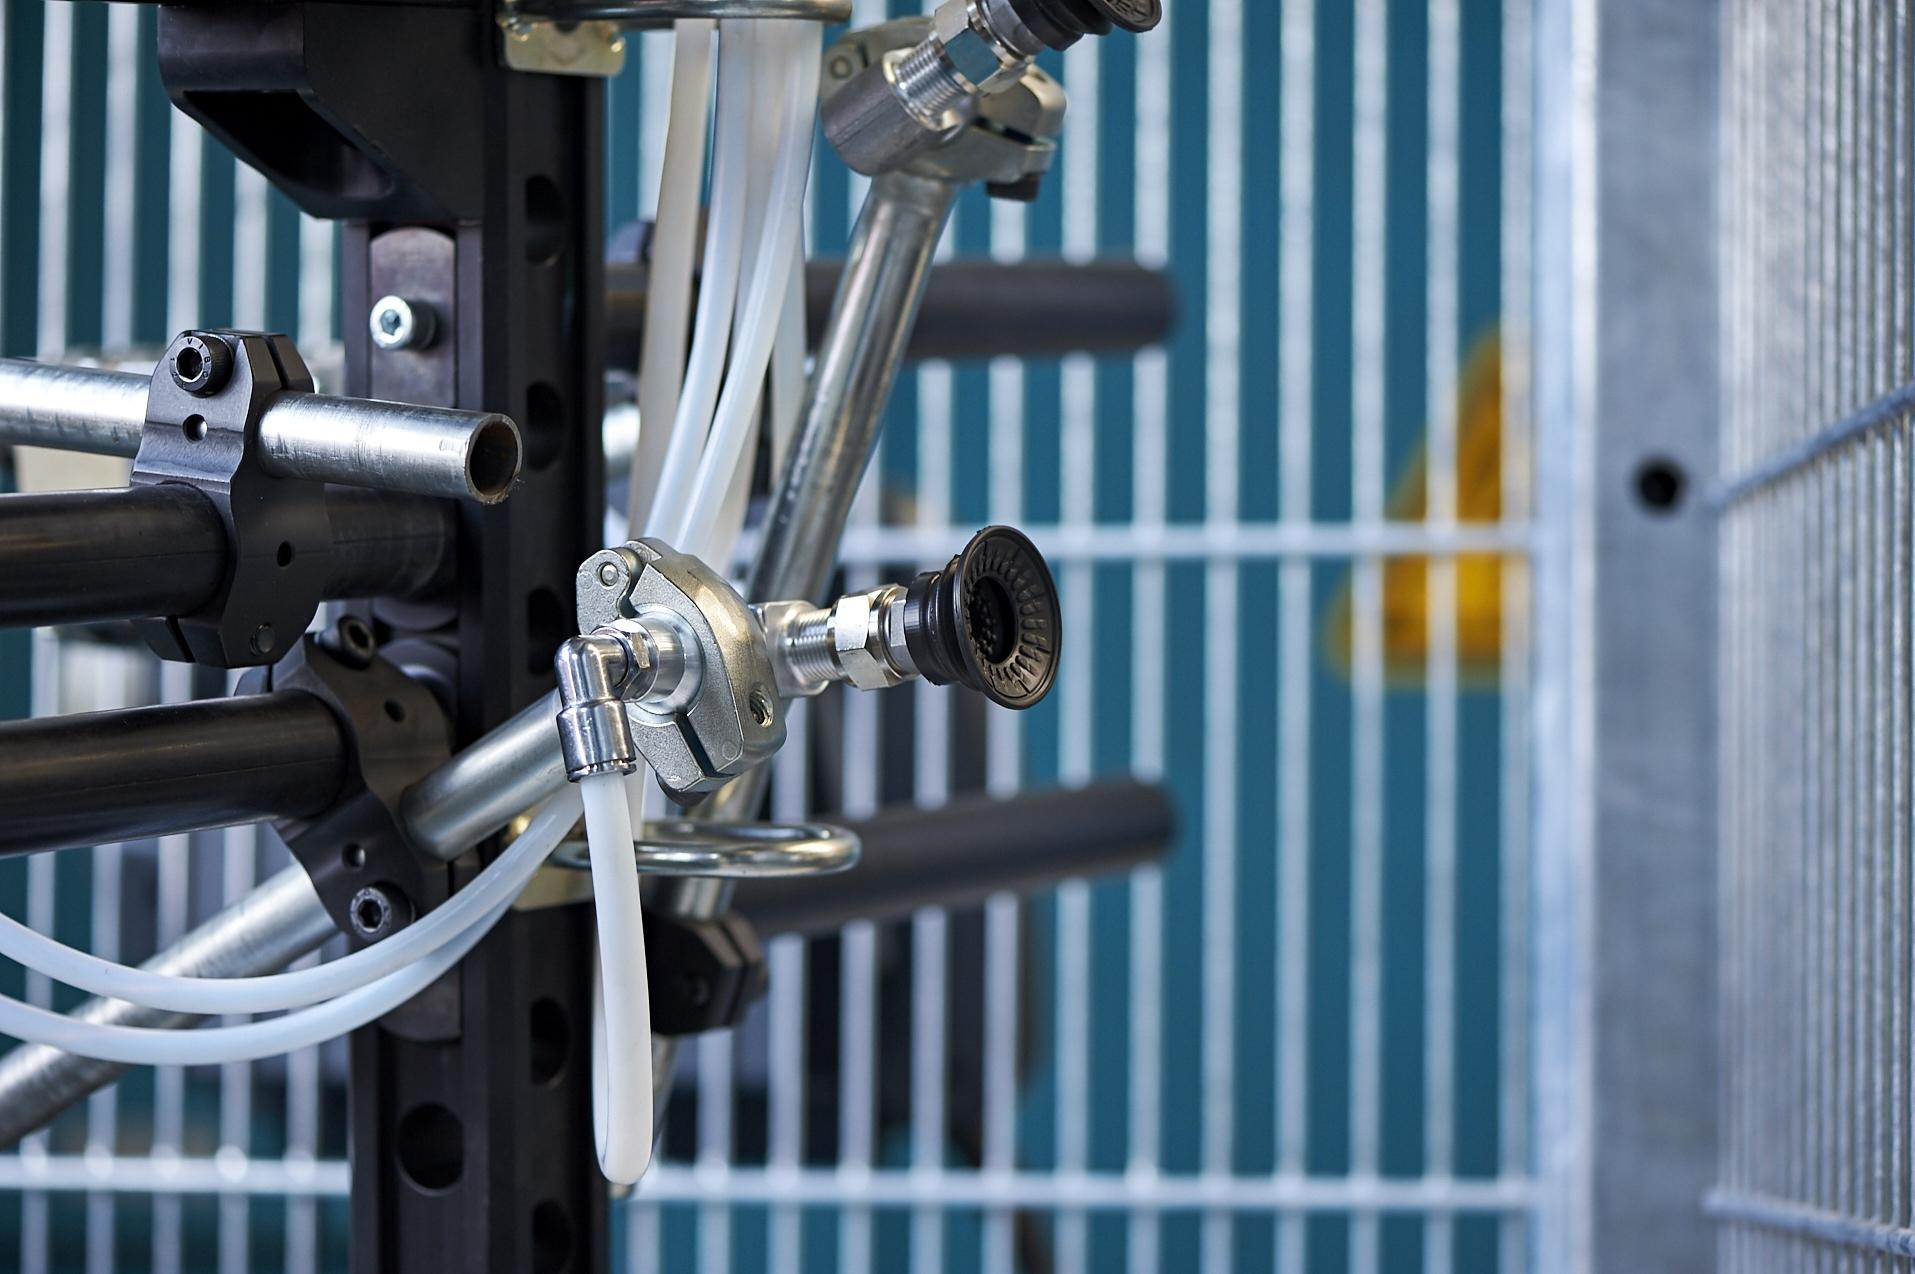 Industriefotografie Karlsruhe, Industriefotografie Hamburg, Industriefotografie Vechta, Industriefotografie Wismar, Osnabrück, Schwerin, Industriefotografie Automotive, Industriefotografie, Industriefpotgrafie Lübeck